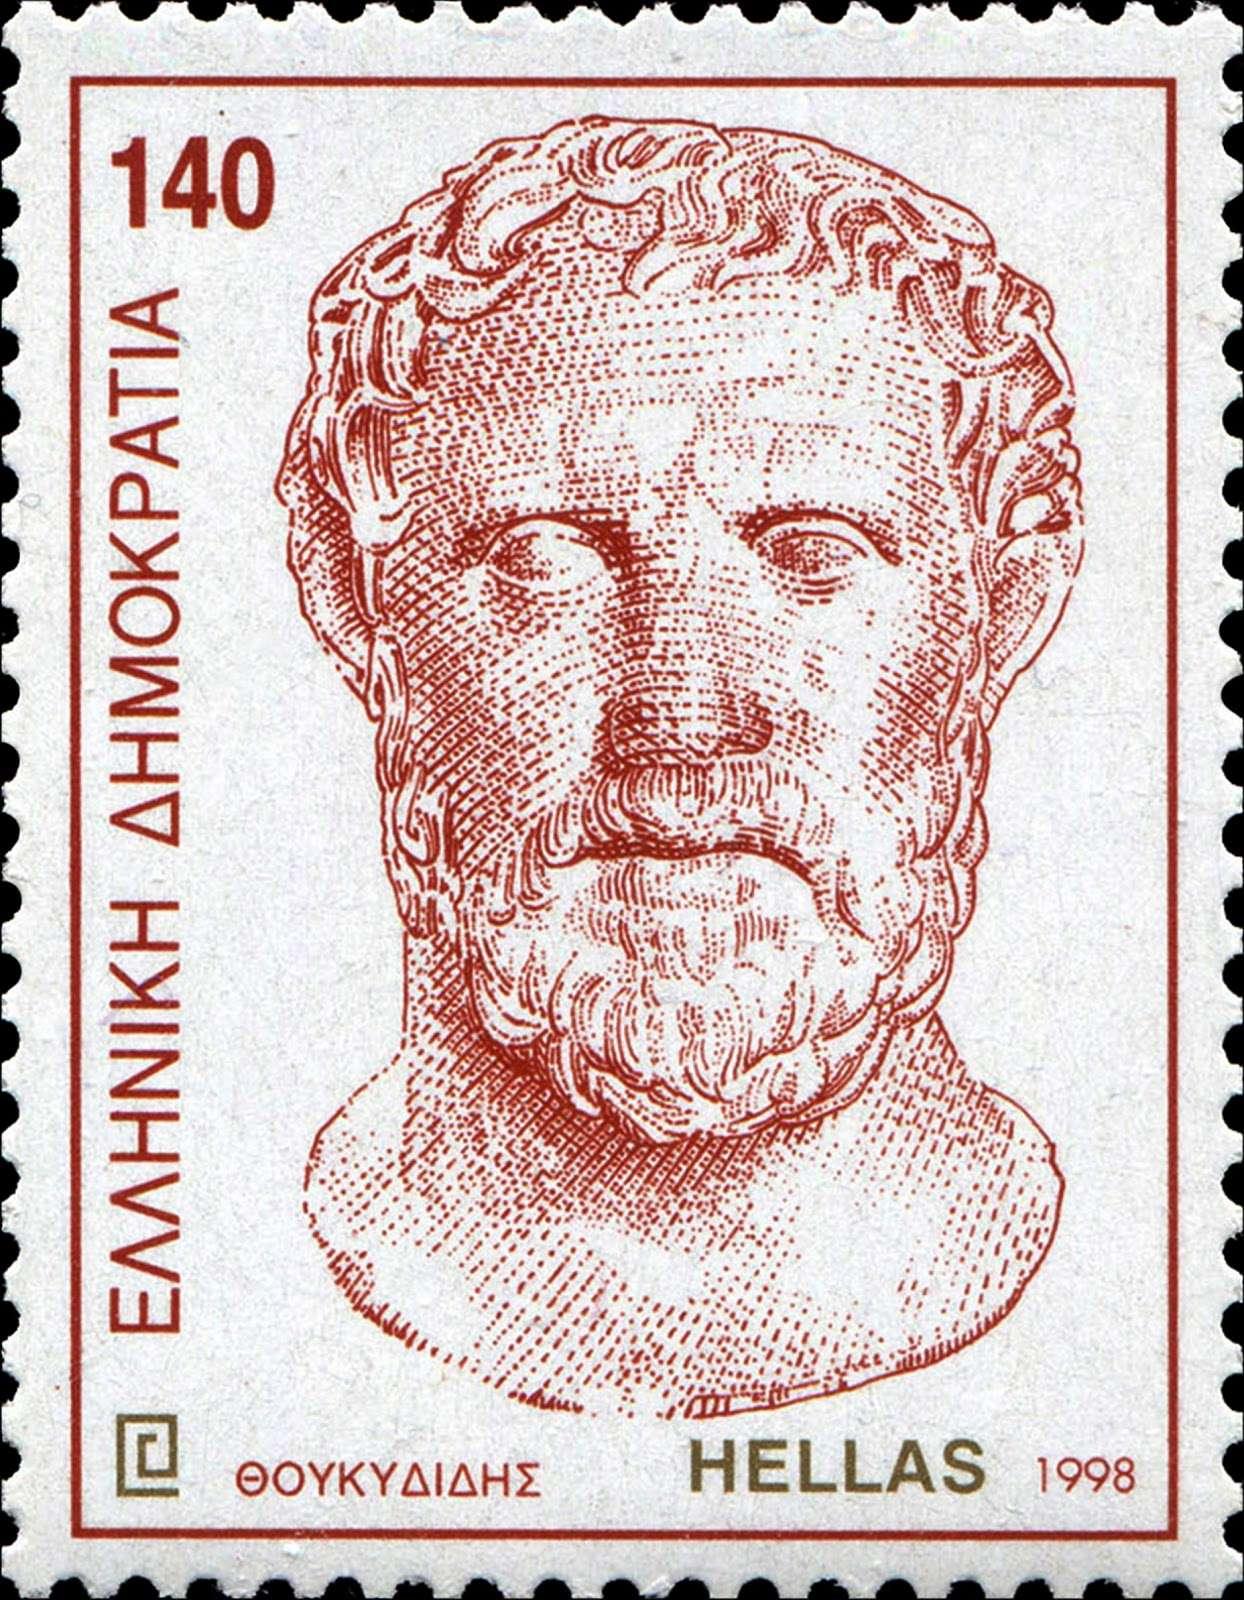 Ο Θουκυδίδης, ελληνικό γραμματόσημο,1998. Thucydides